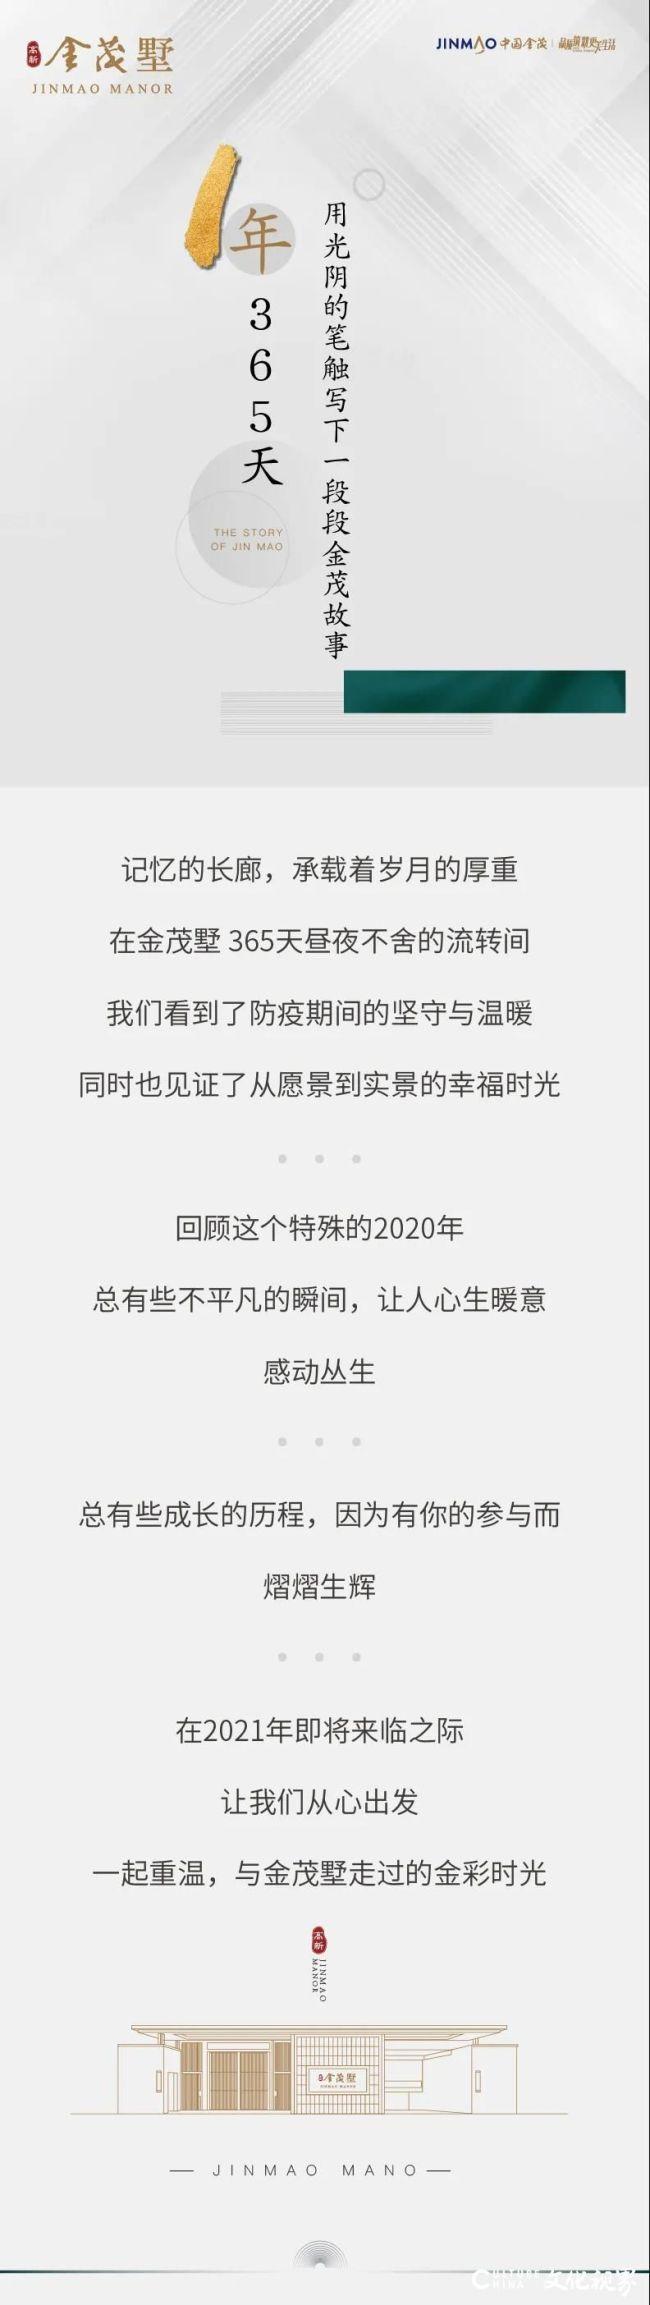 """陪伴业主走过2020""""金""""彩时光,济南金茂墅更将不负所期续写2021美好未来"""